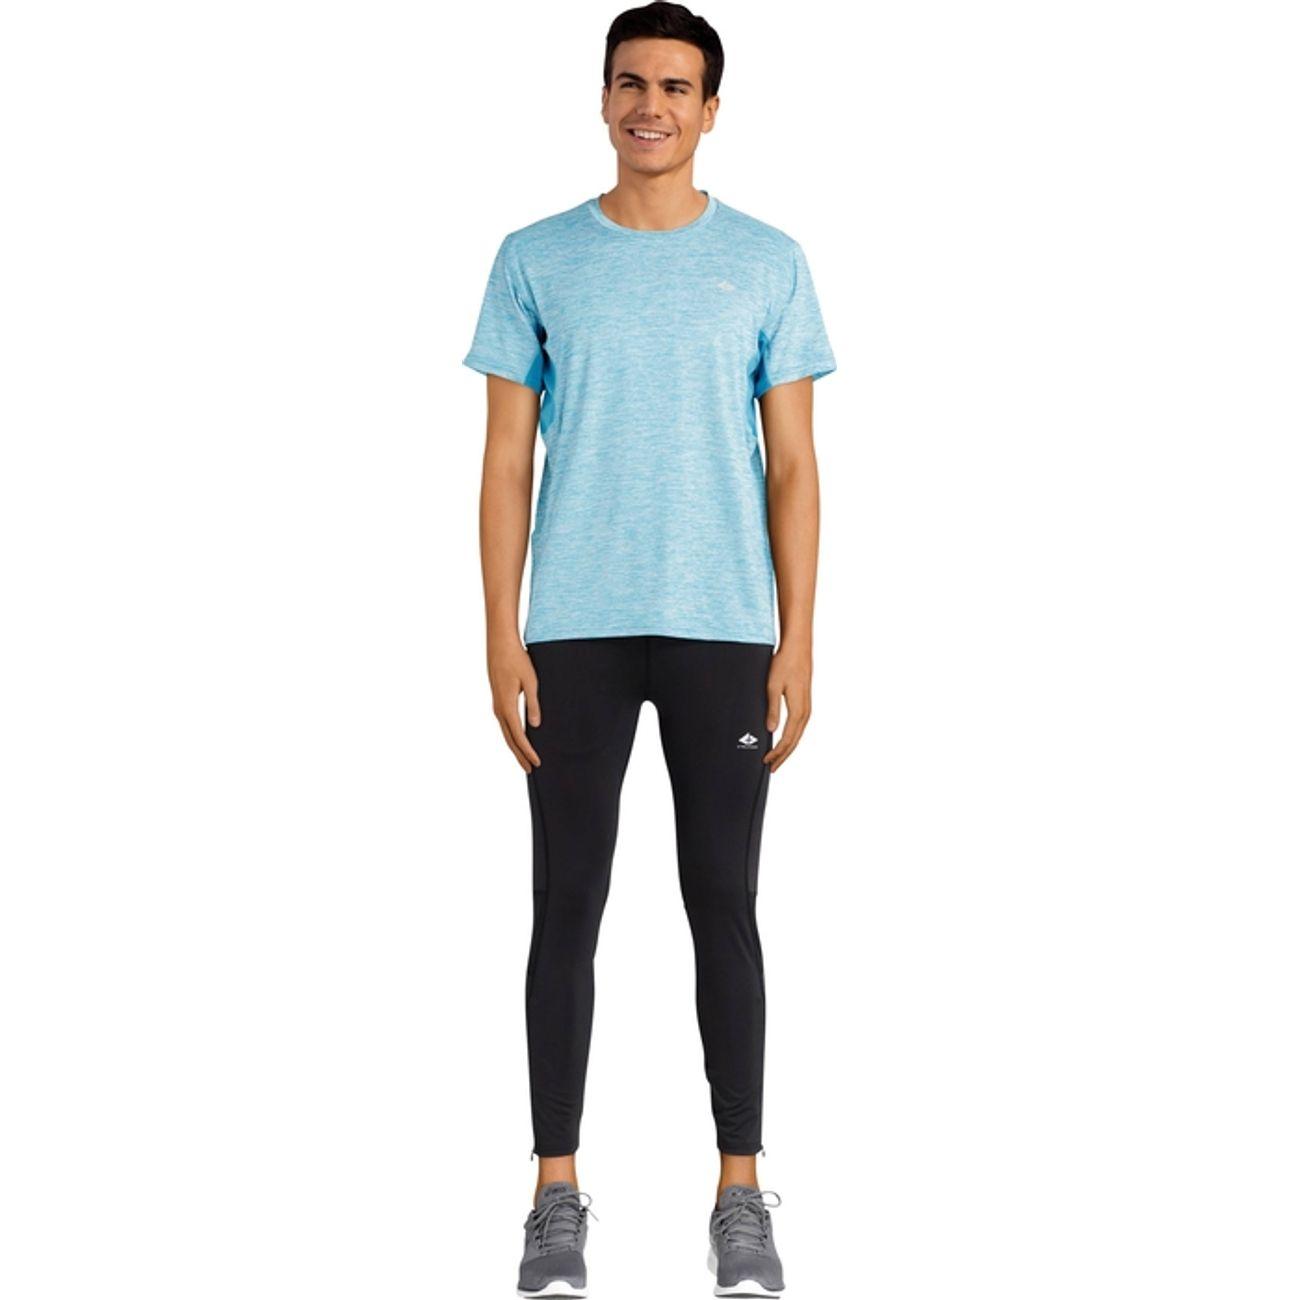 Tee Gary Homme Sdqcbhrtx 200 Tmc Running Athlitech Shirt yYb67fg